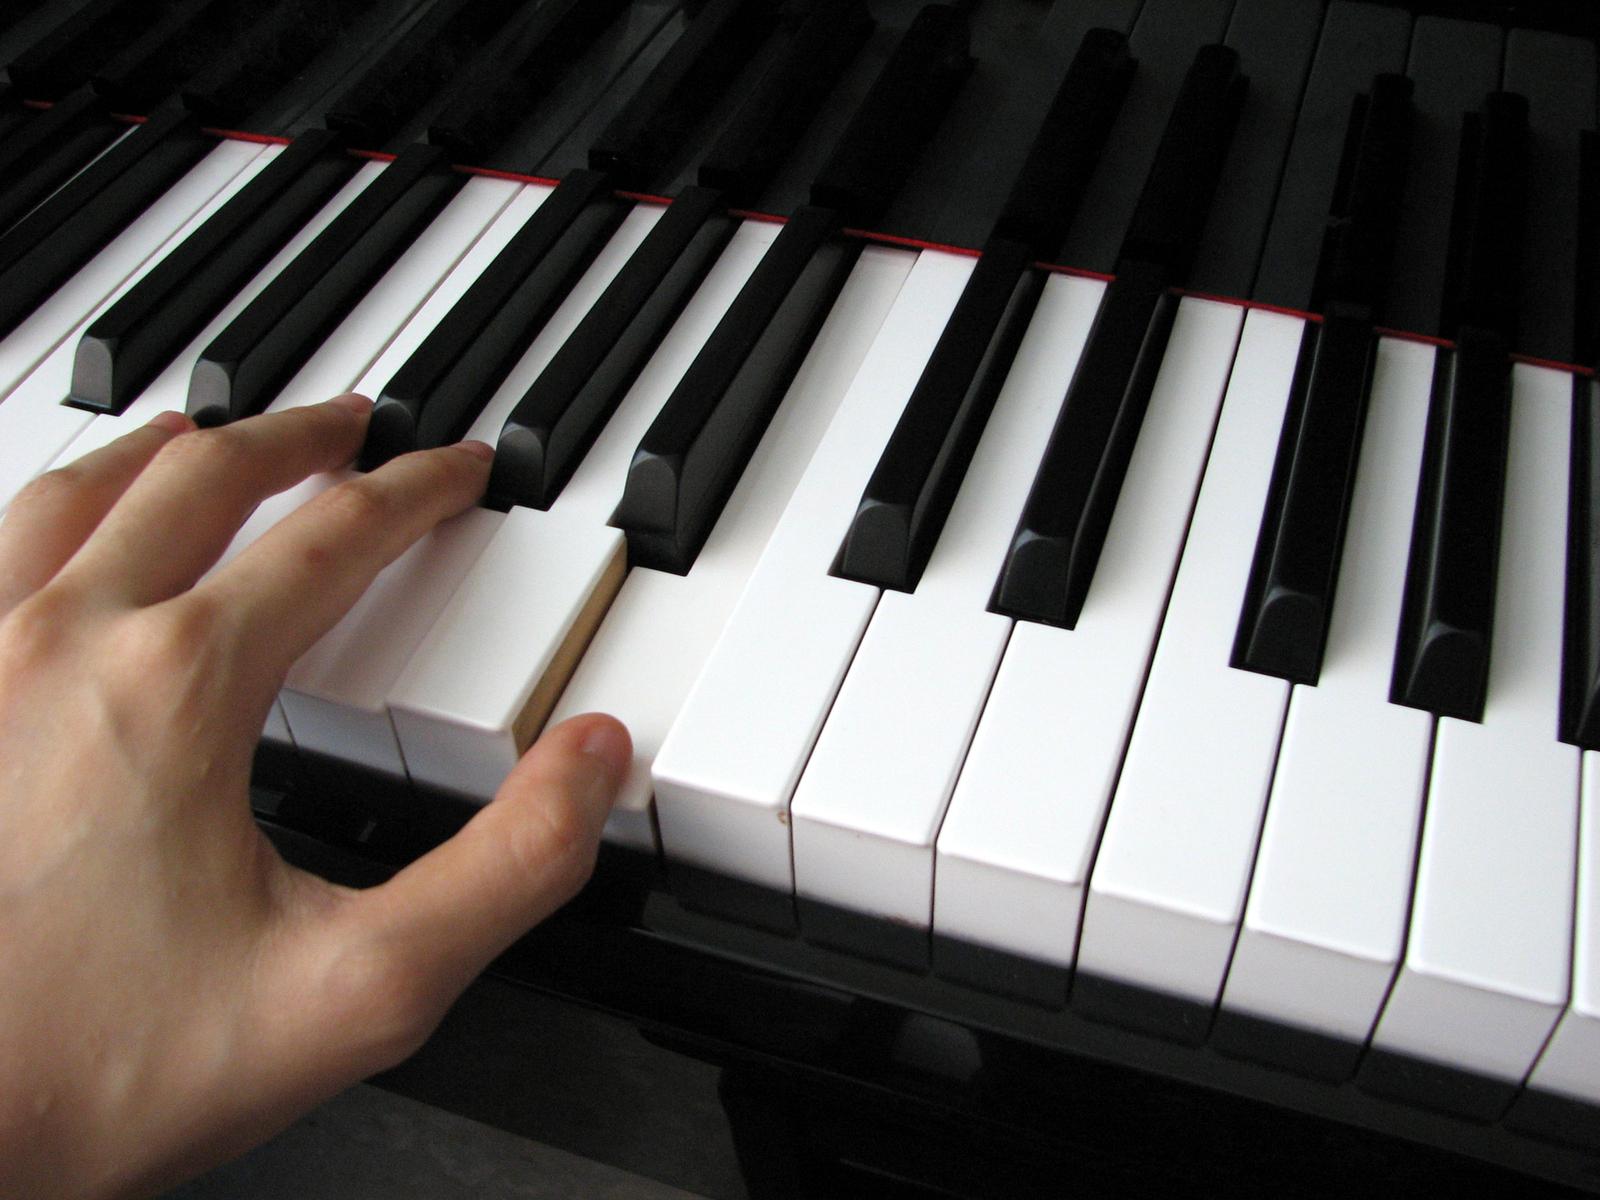 Sjefs pianoles - nieuwe cursus